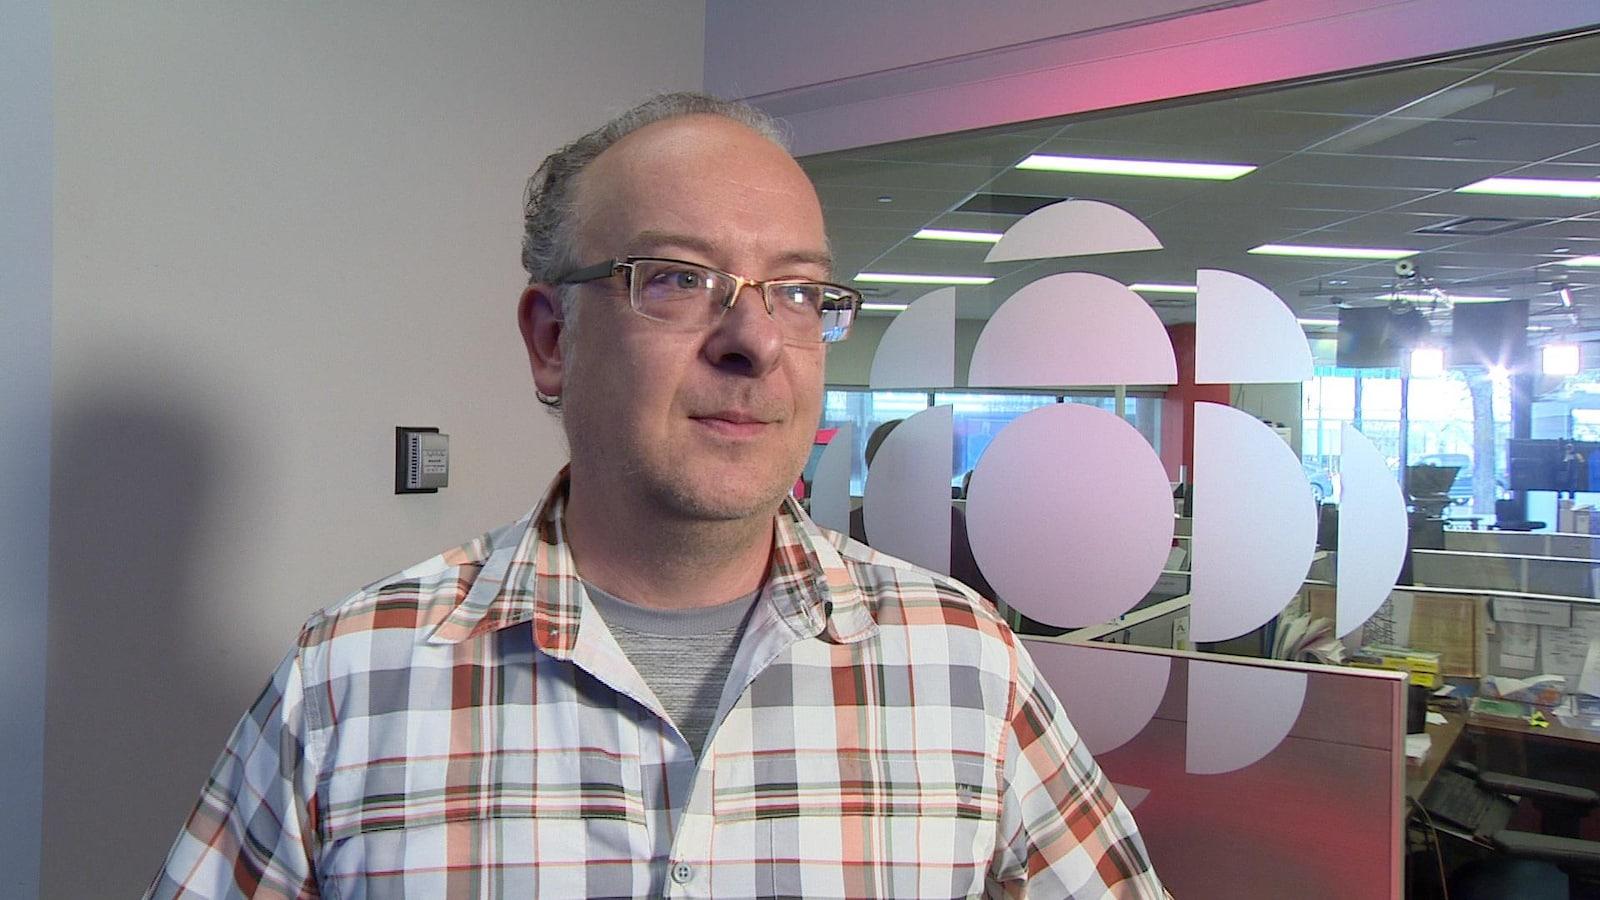 M. Gagné lors d'une entrevue aux bureaux de Radio-Canada à Saskatoon